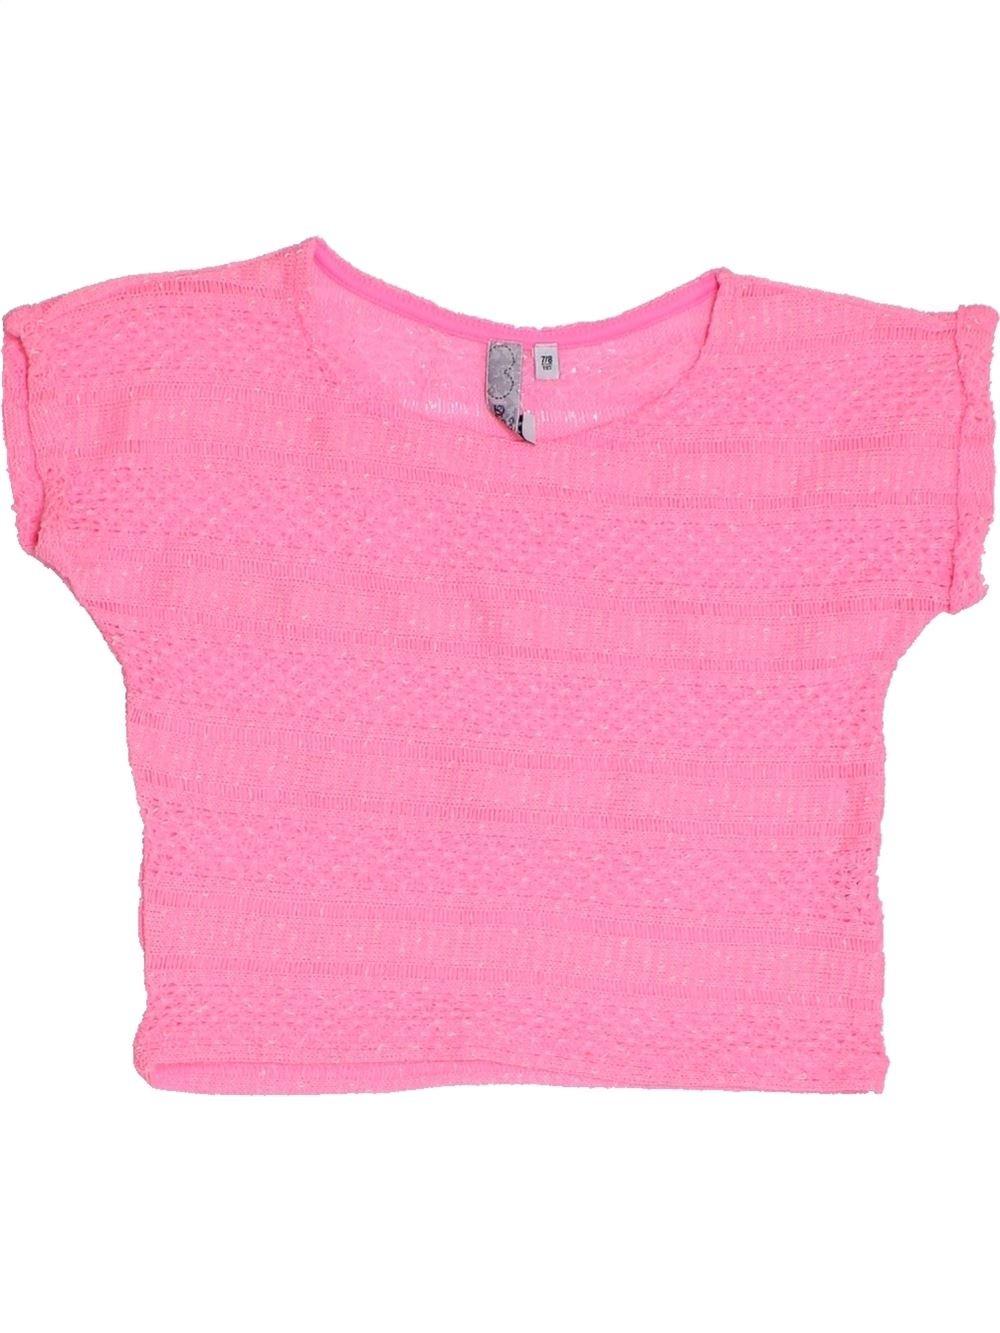 4c44b4c37c4ba T-shirt manches courtes rose PRIMARK du 8 ans pour Fille - 1319449